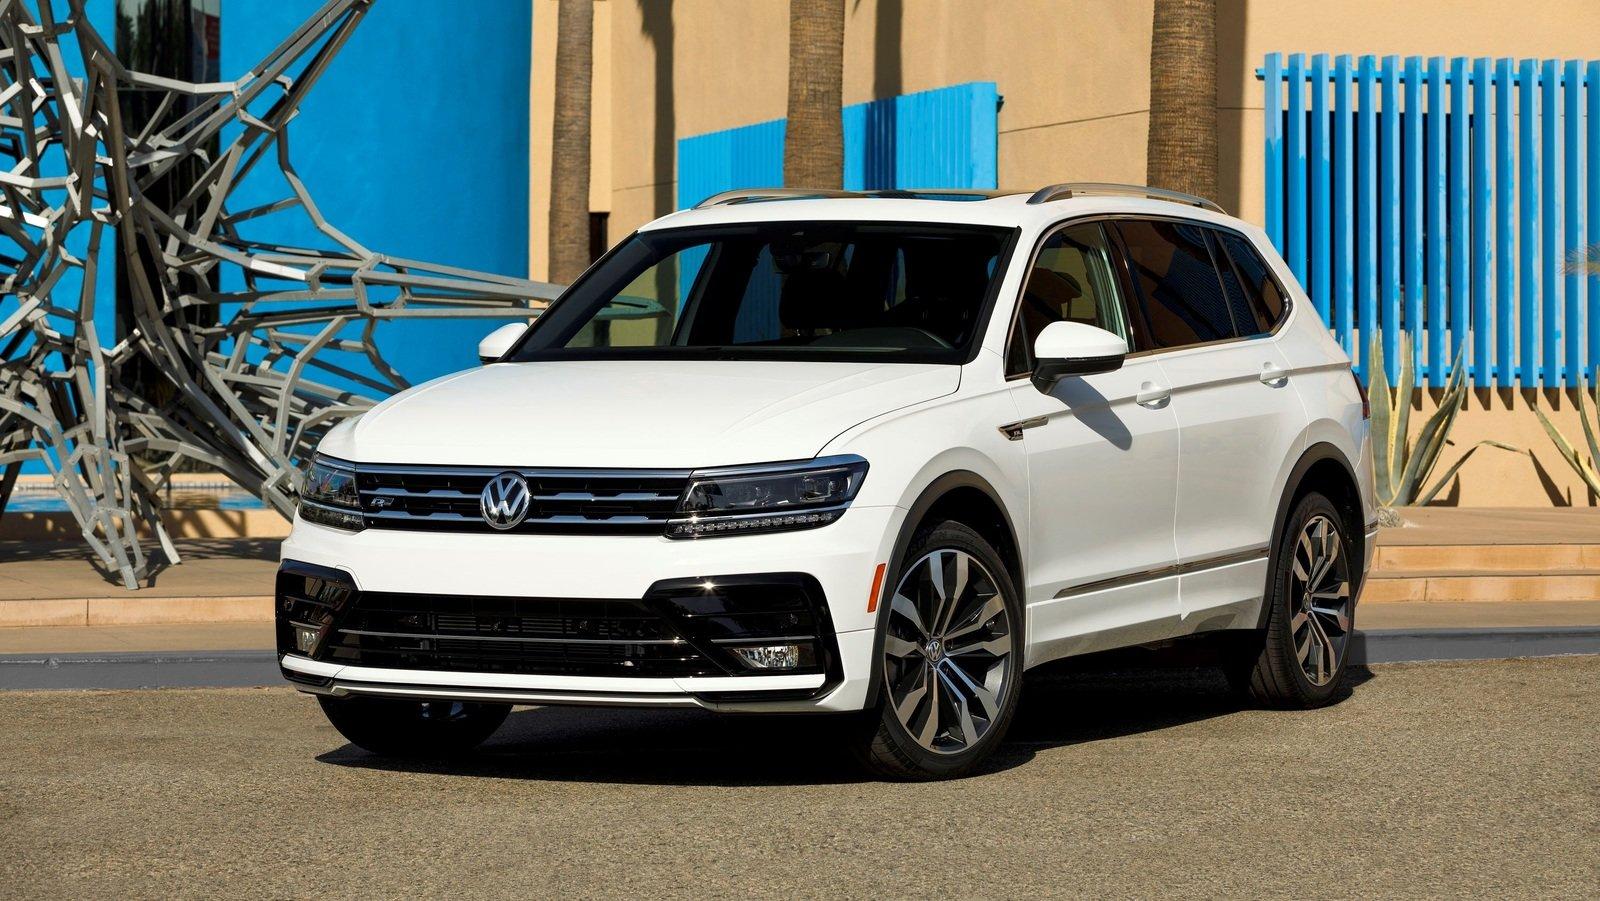 volkswagen unveils the tiguan 2018 r-line sports version Volkswagen unveils the Tiguan 2018 R-Line sports version  D9 81 D9 88 D9 84 D9 83 D8 B3  D9 88 D8 A7 D8 AC D9 86  D8 AA D9 8A D8 AC D9 88 D8 A7 D9 86 R Line 2018